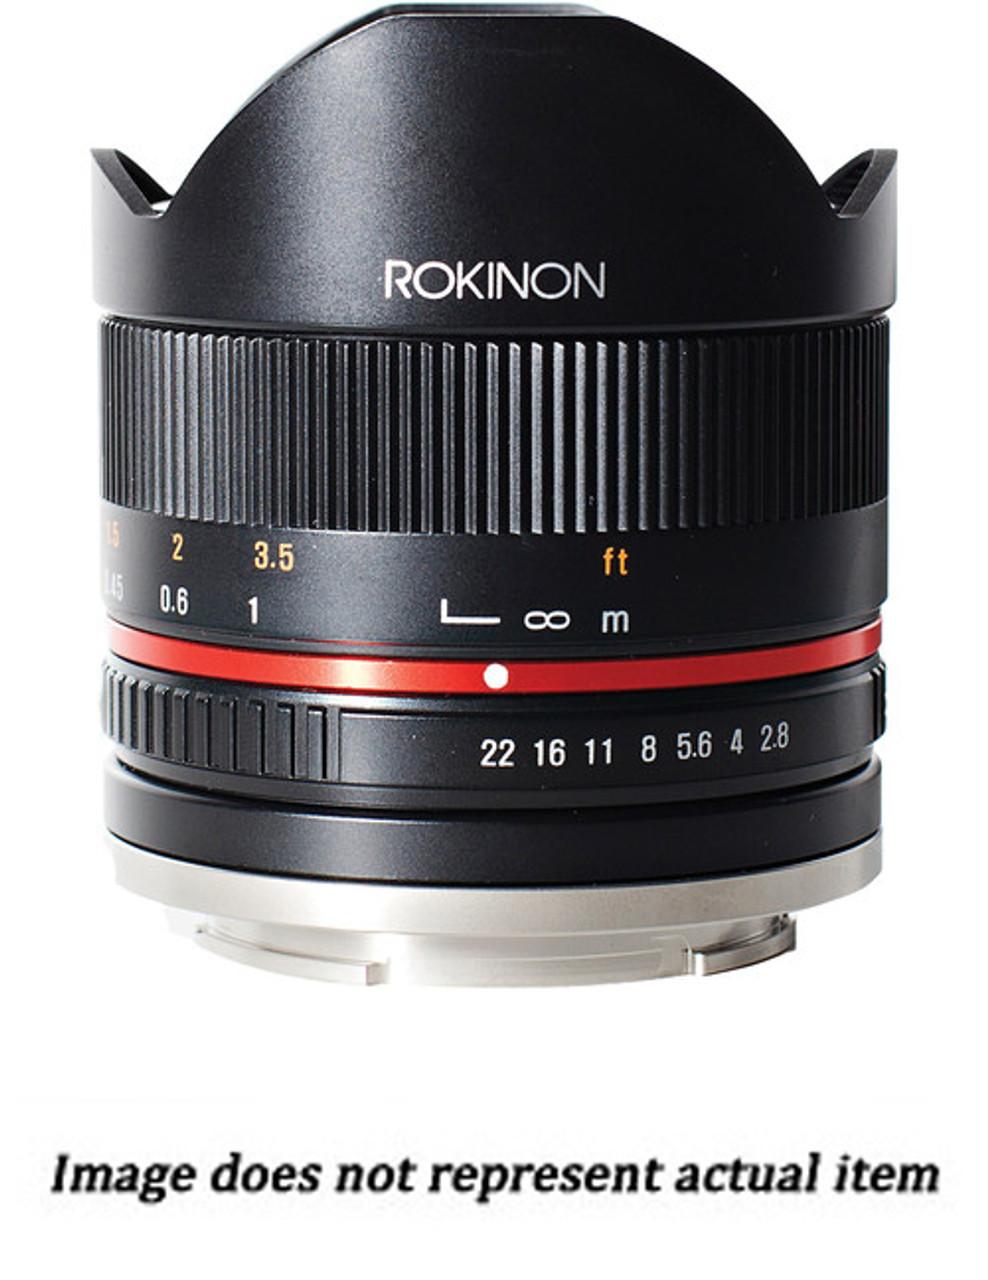 Rokinon 8mm f/2.8 UMC Fisheye II Lens for Fujifilm X Mount (USED) - S/N CHP20471